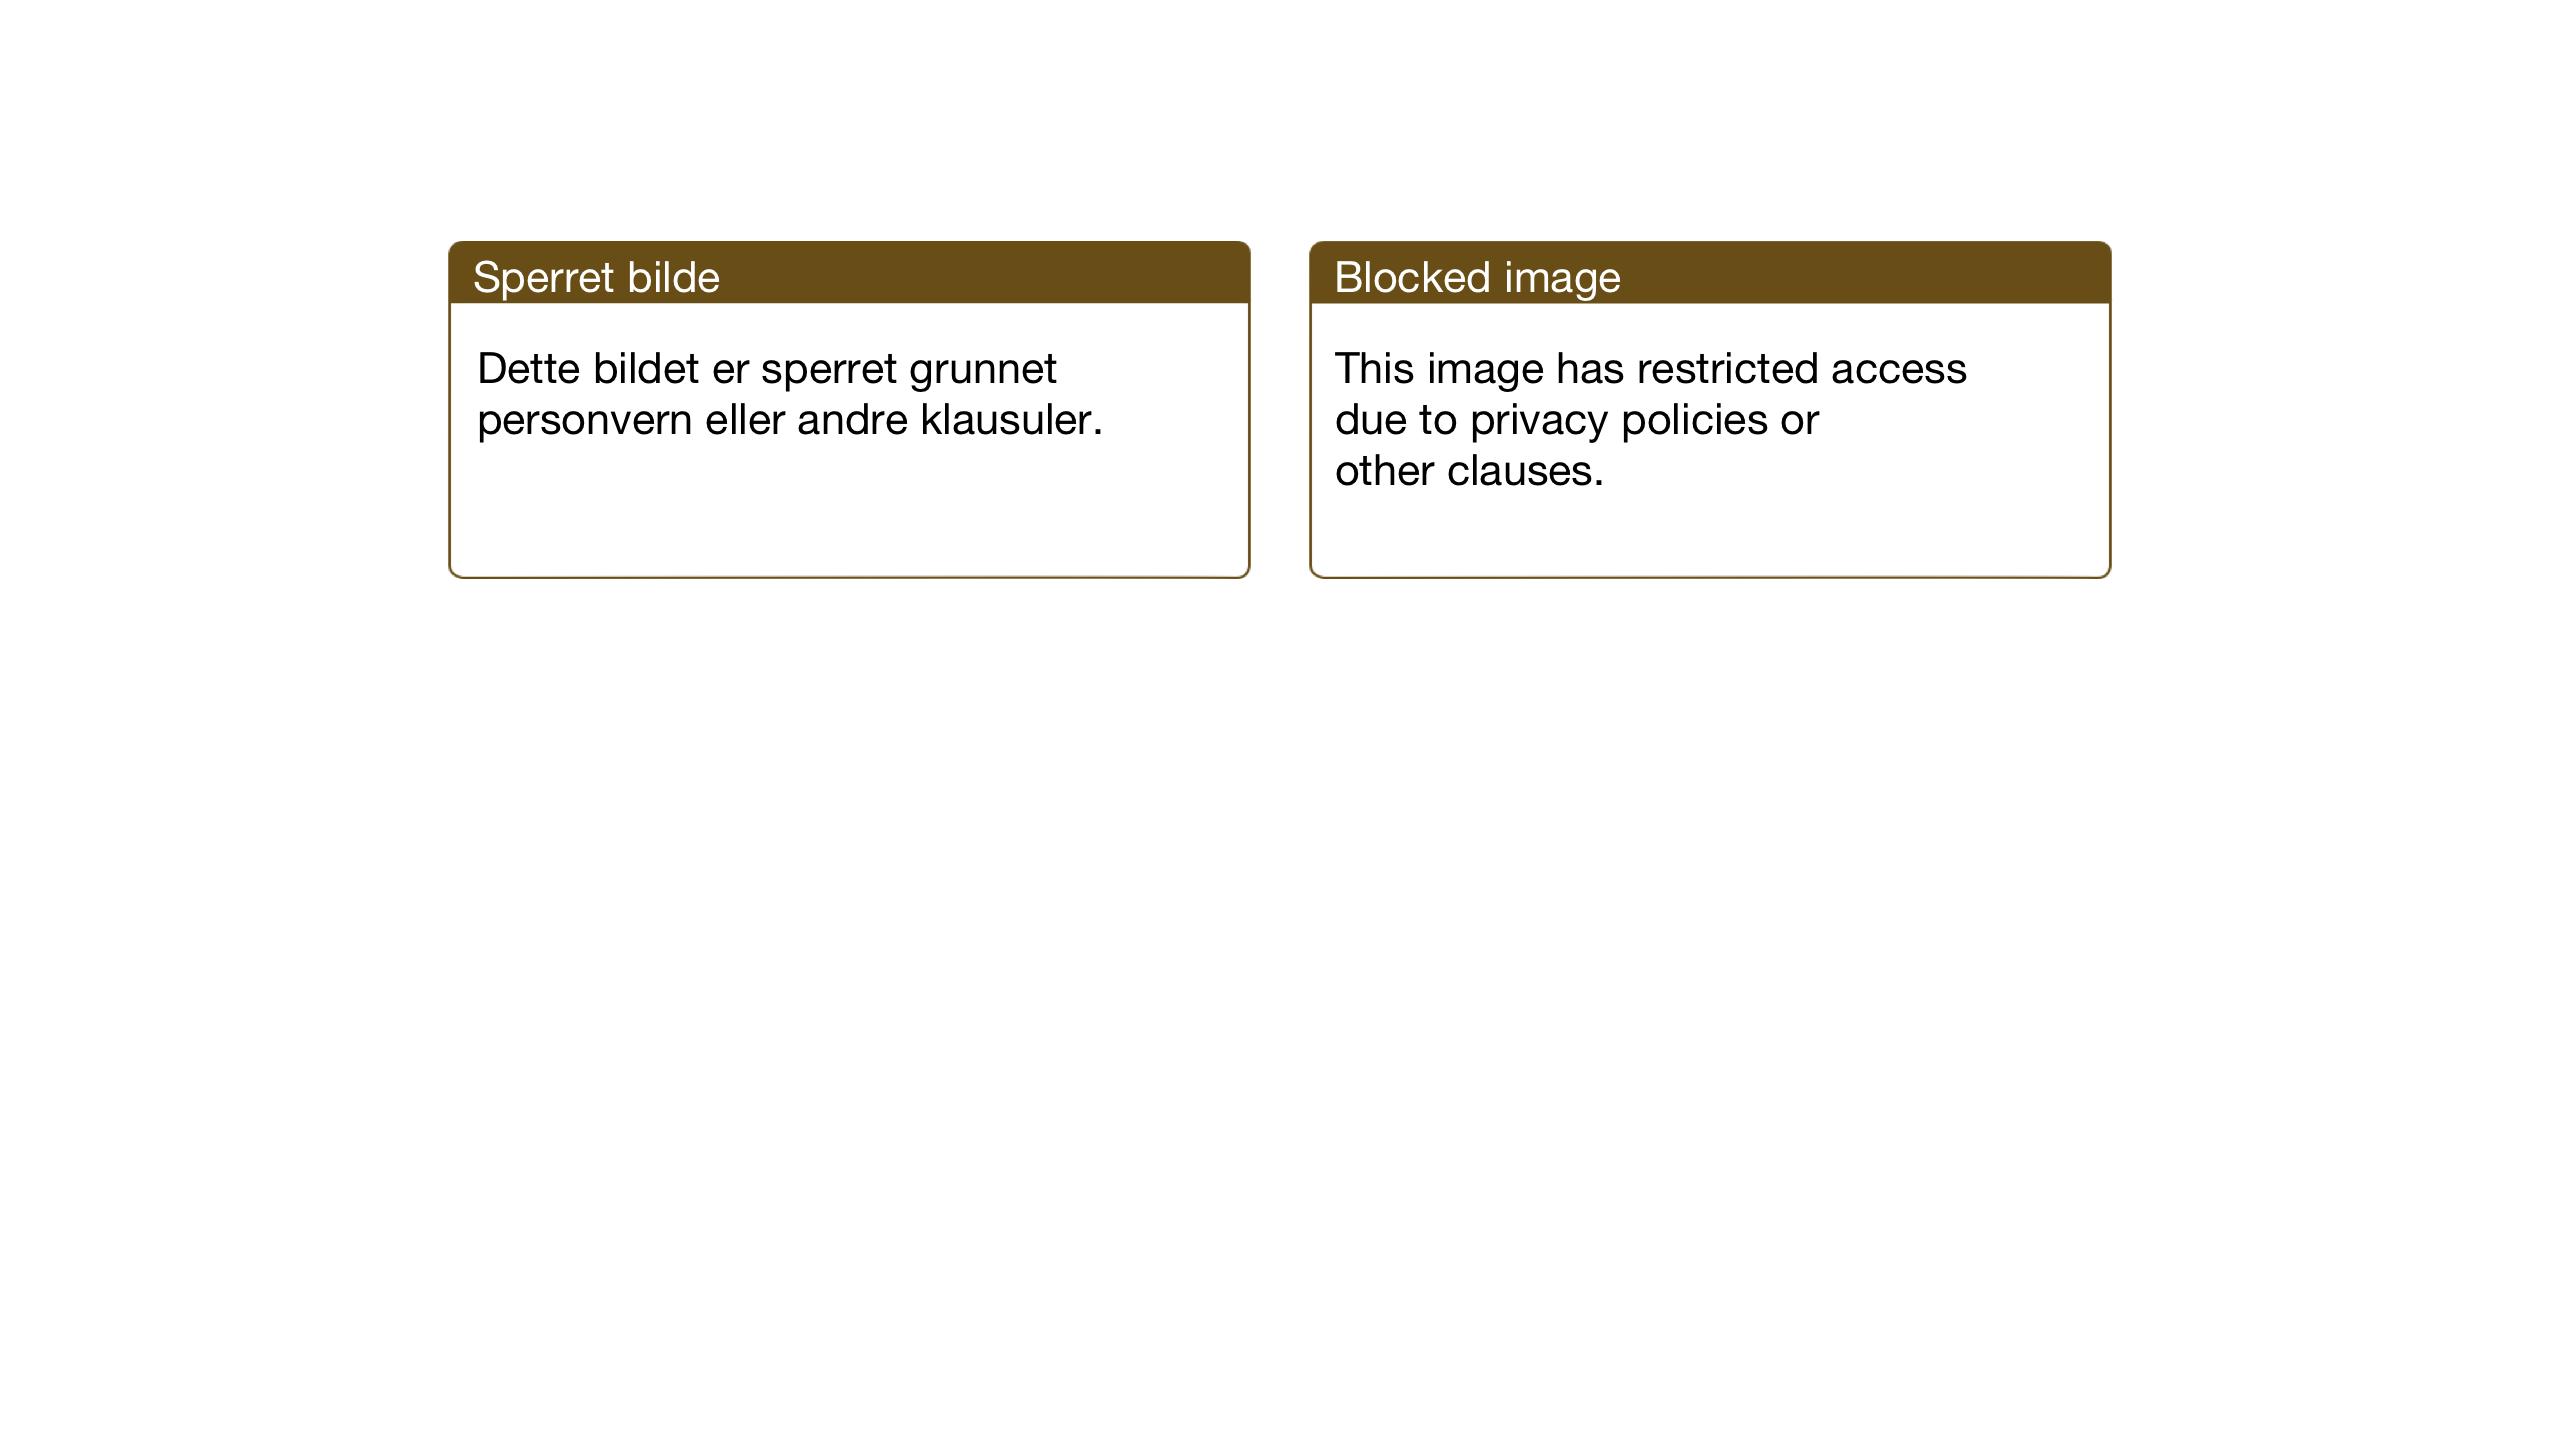 SAT, Ministerialprotokoller, klokkerbøker og fødselsregistre - Sør-Trøndelag, 681/L0943: Klokkerbok nr. 681C07, 1926-1954, s. 103